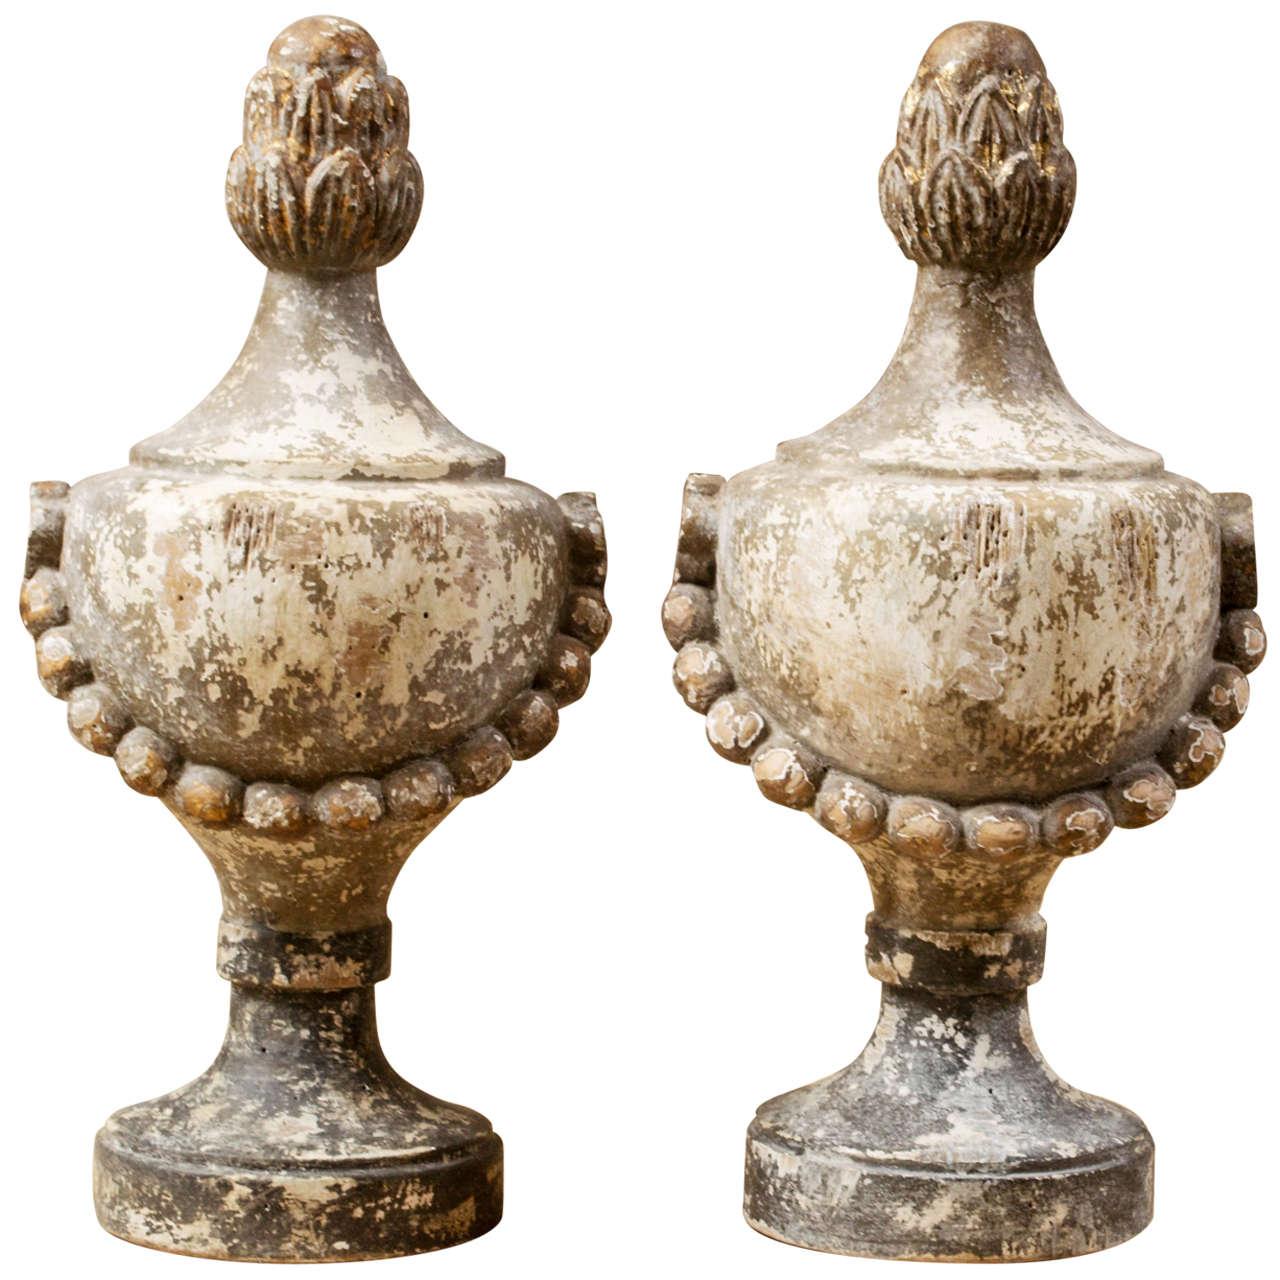 Pair Of Decorative Finials at 1stdibs